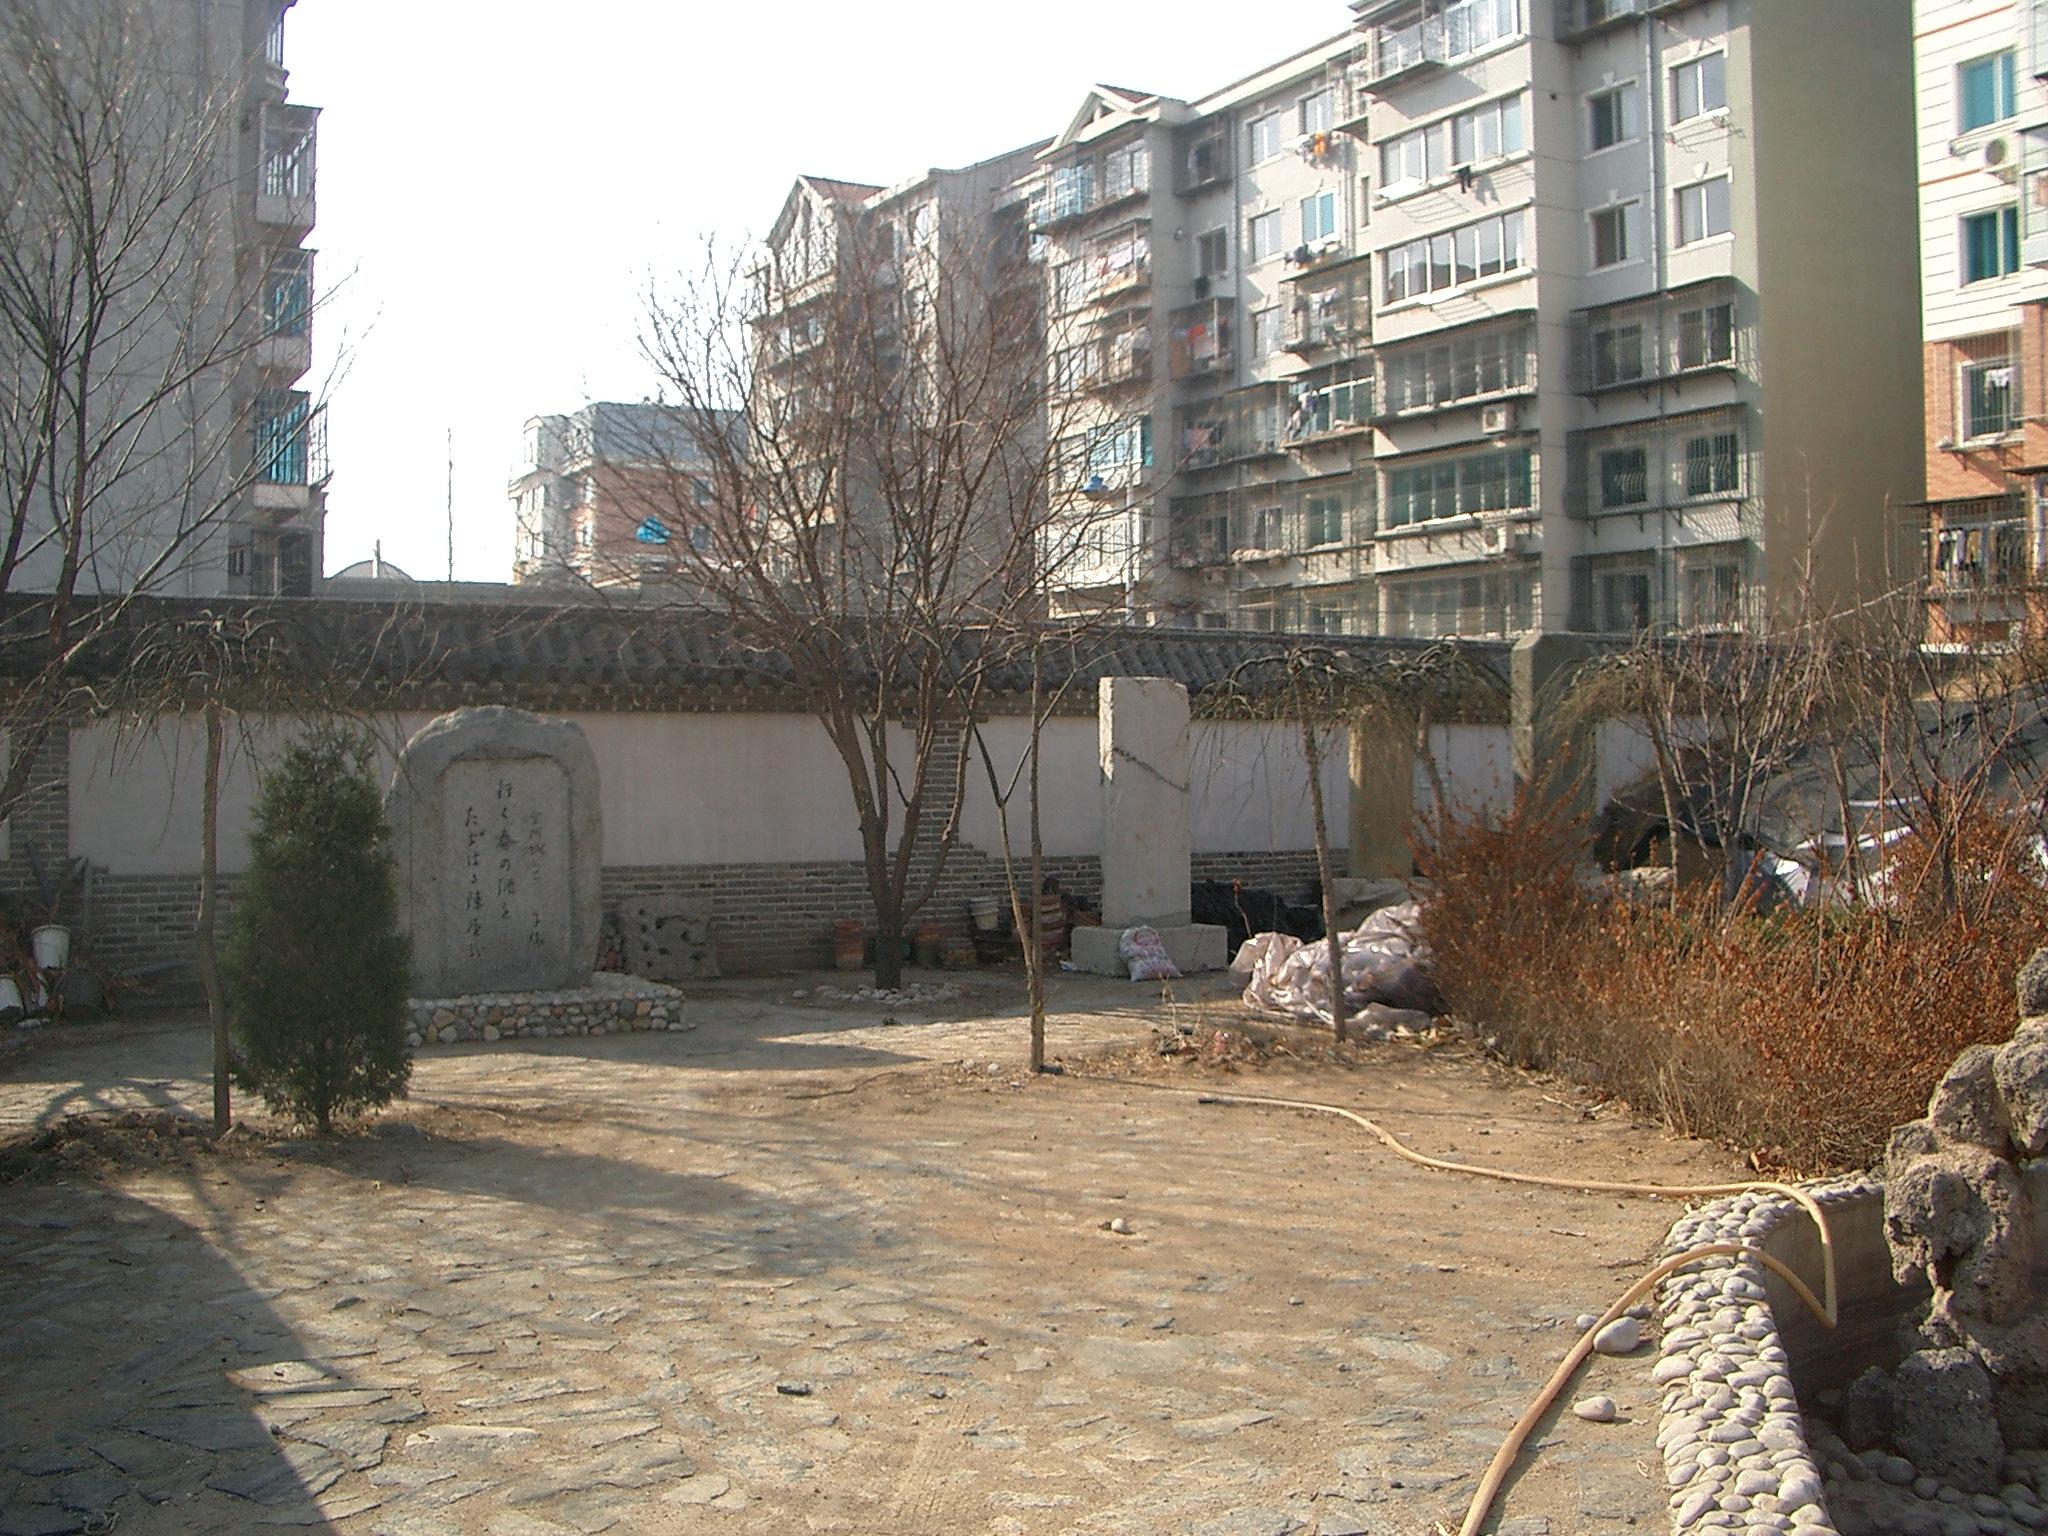 金州副都統衙門の庭(いろいろな石碑が置かれている)